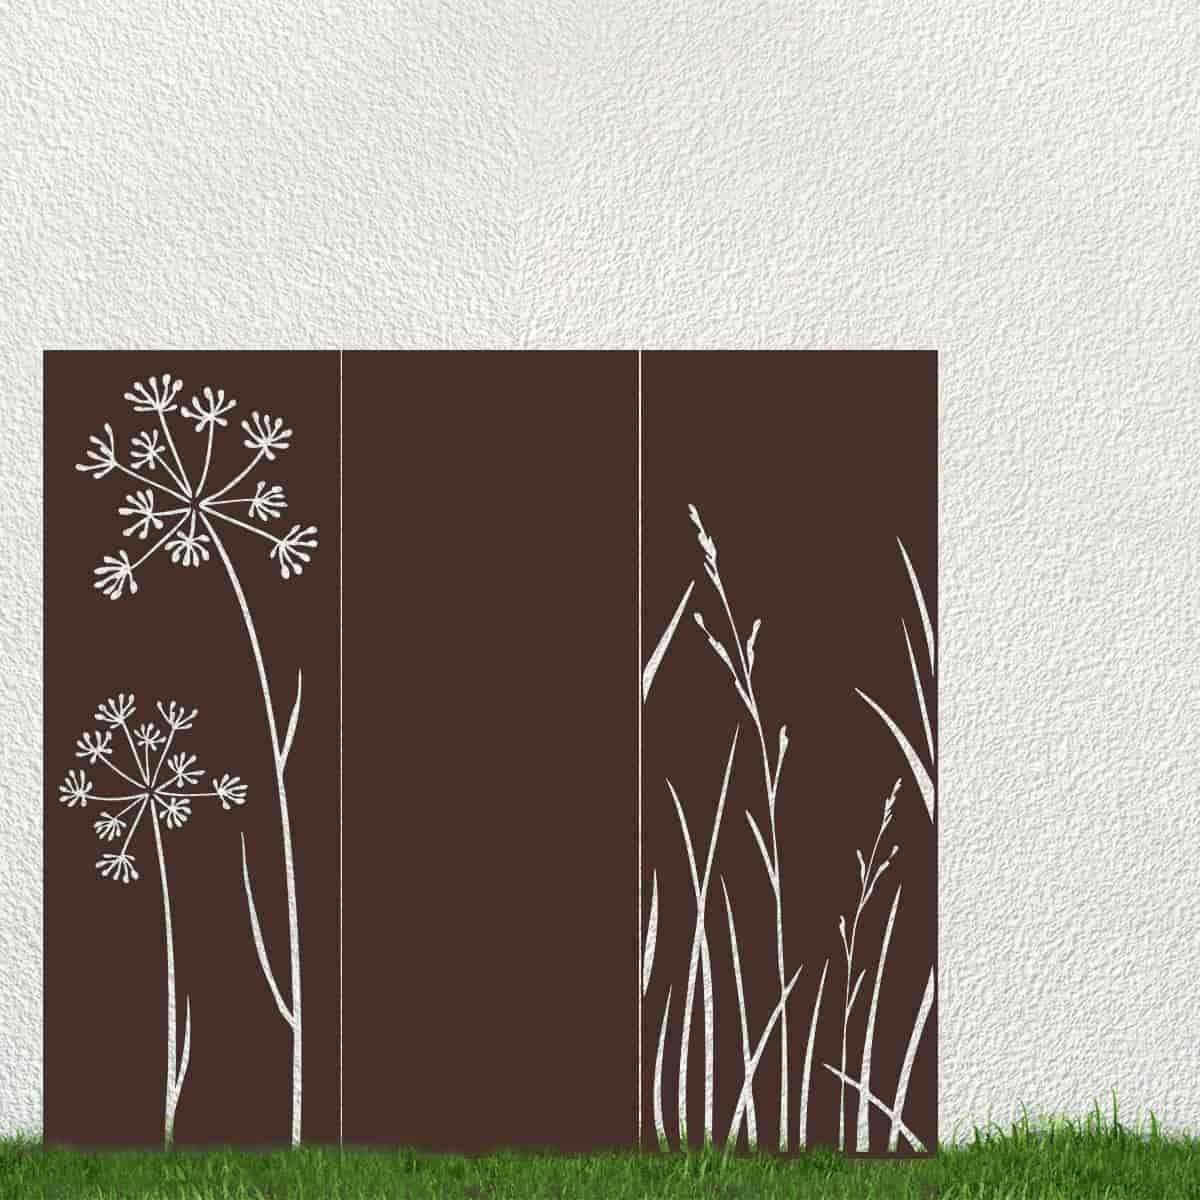 panneau decoratif exterieur en metal h 144 180cm motif vegetal vente au meilleur prix